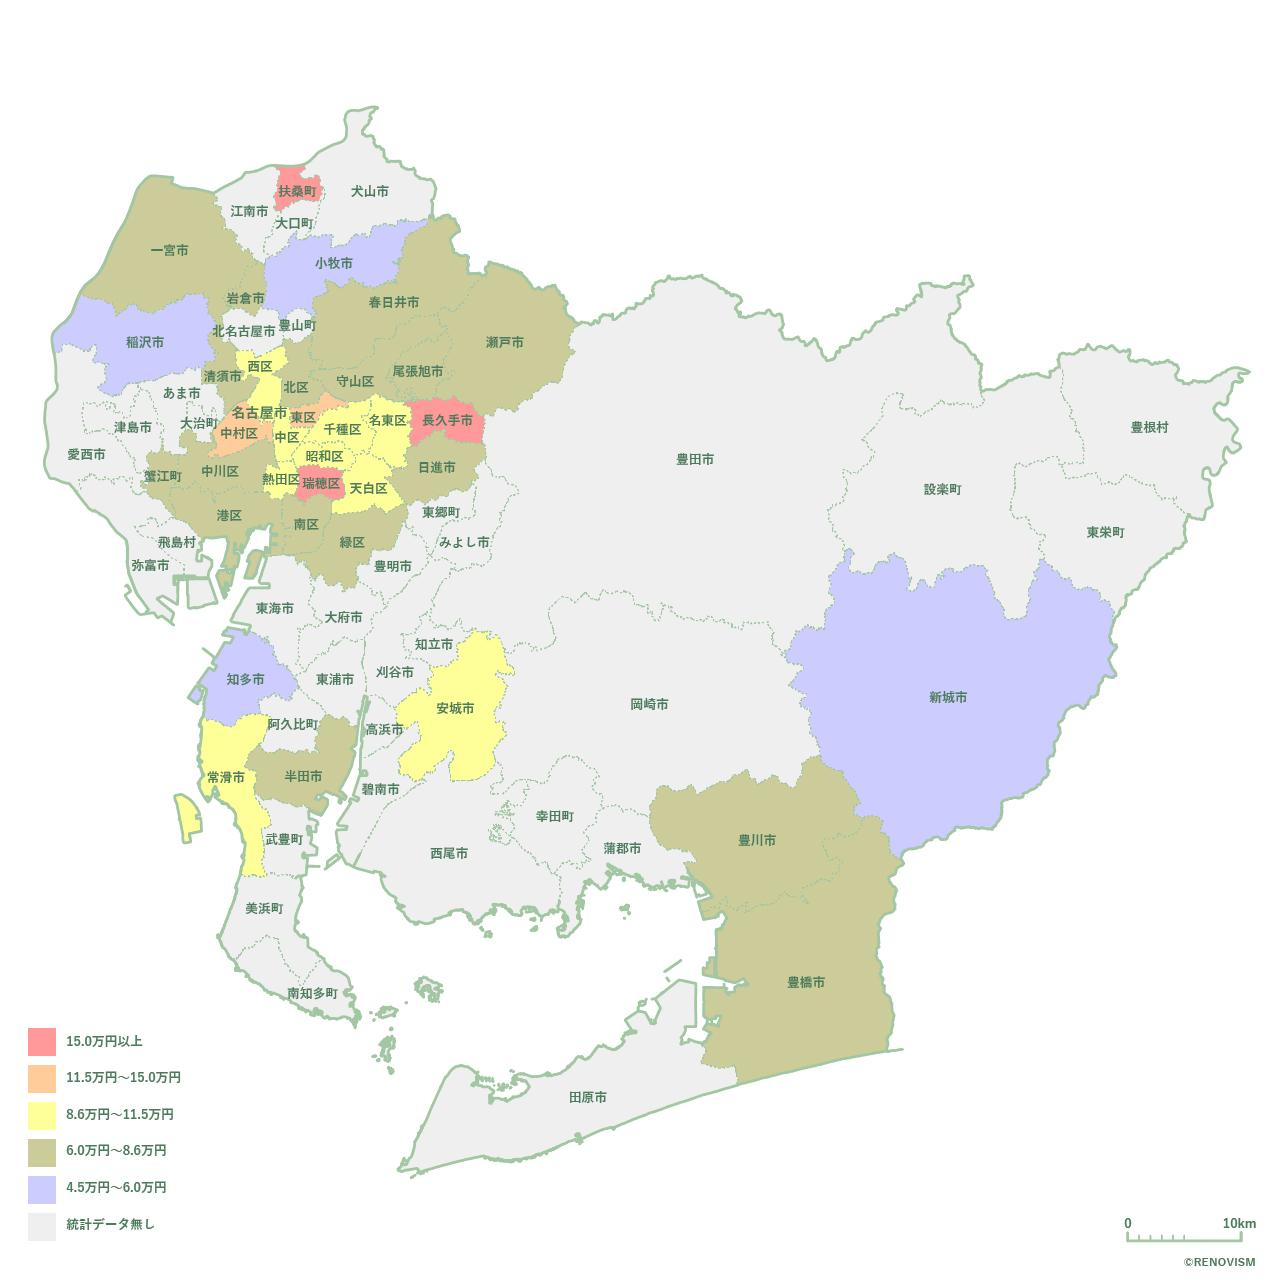 愛知県の3LDK家賃相場マップ2020年